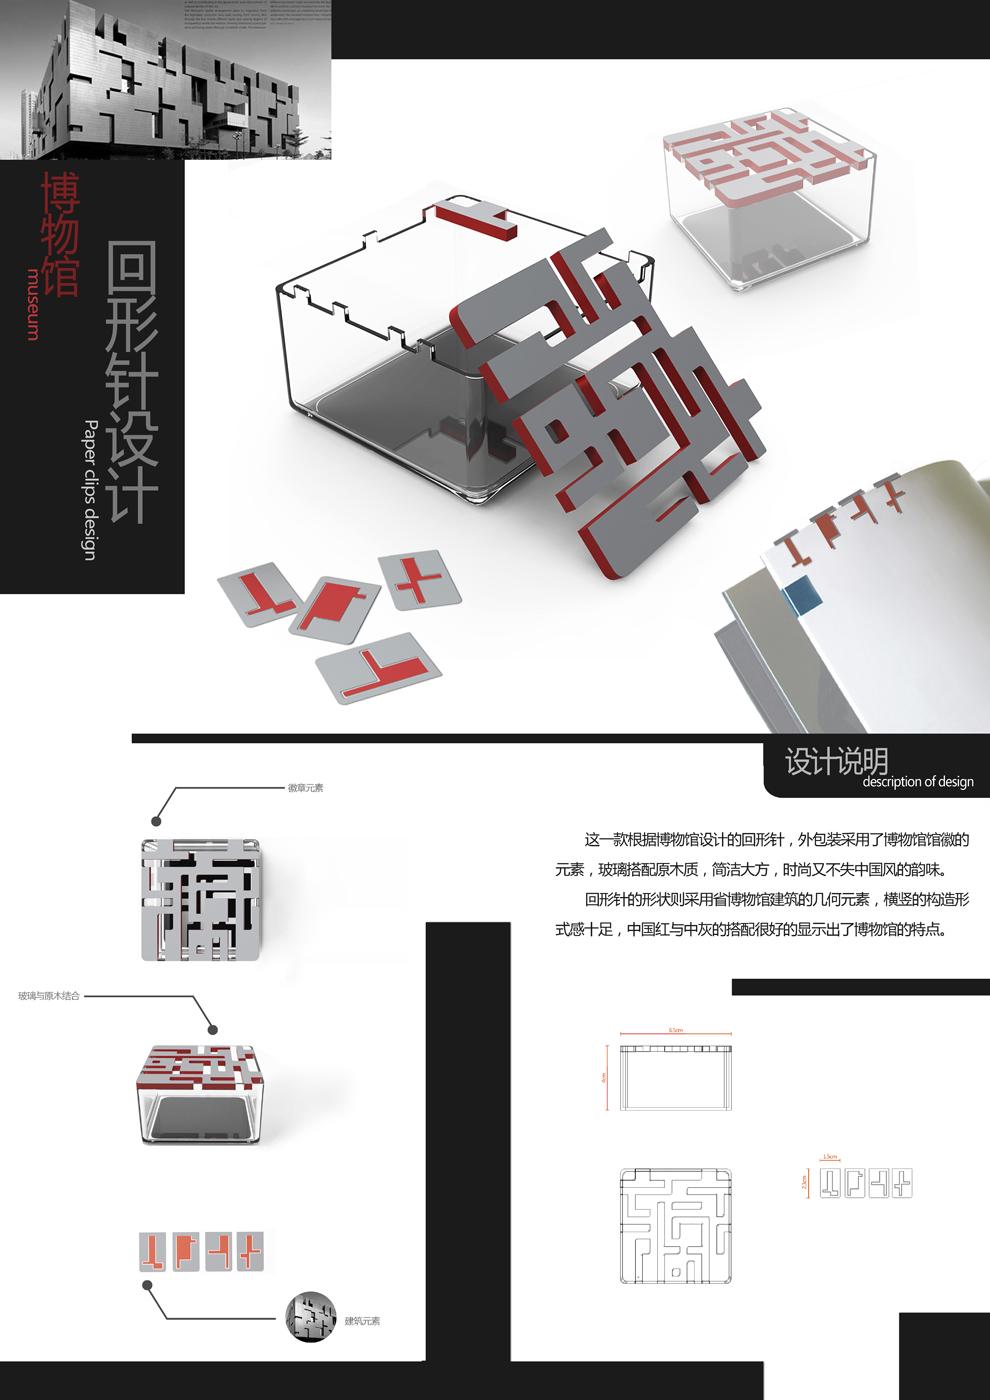 首届广东省博物馆文化产品创意设计大赛入围设计作品公示